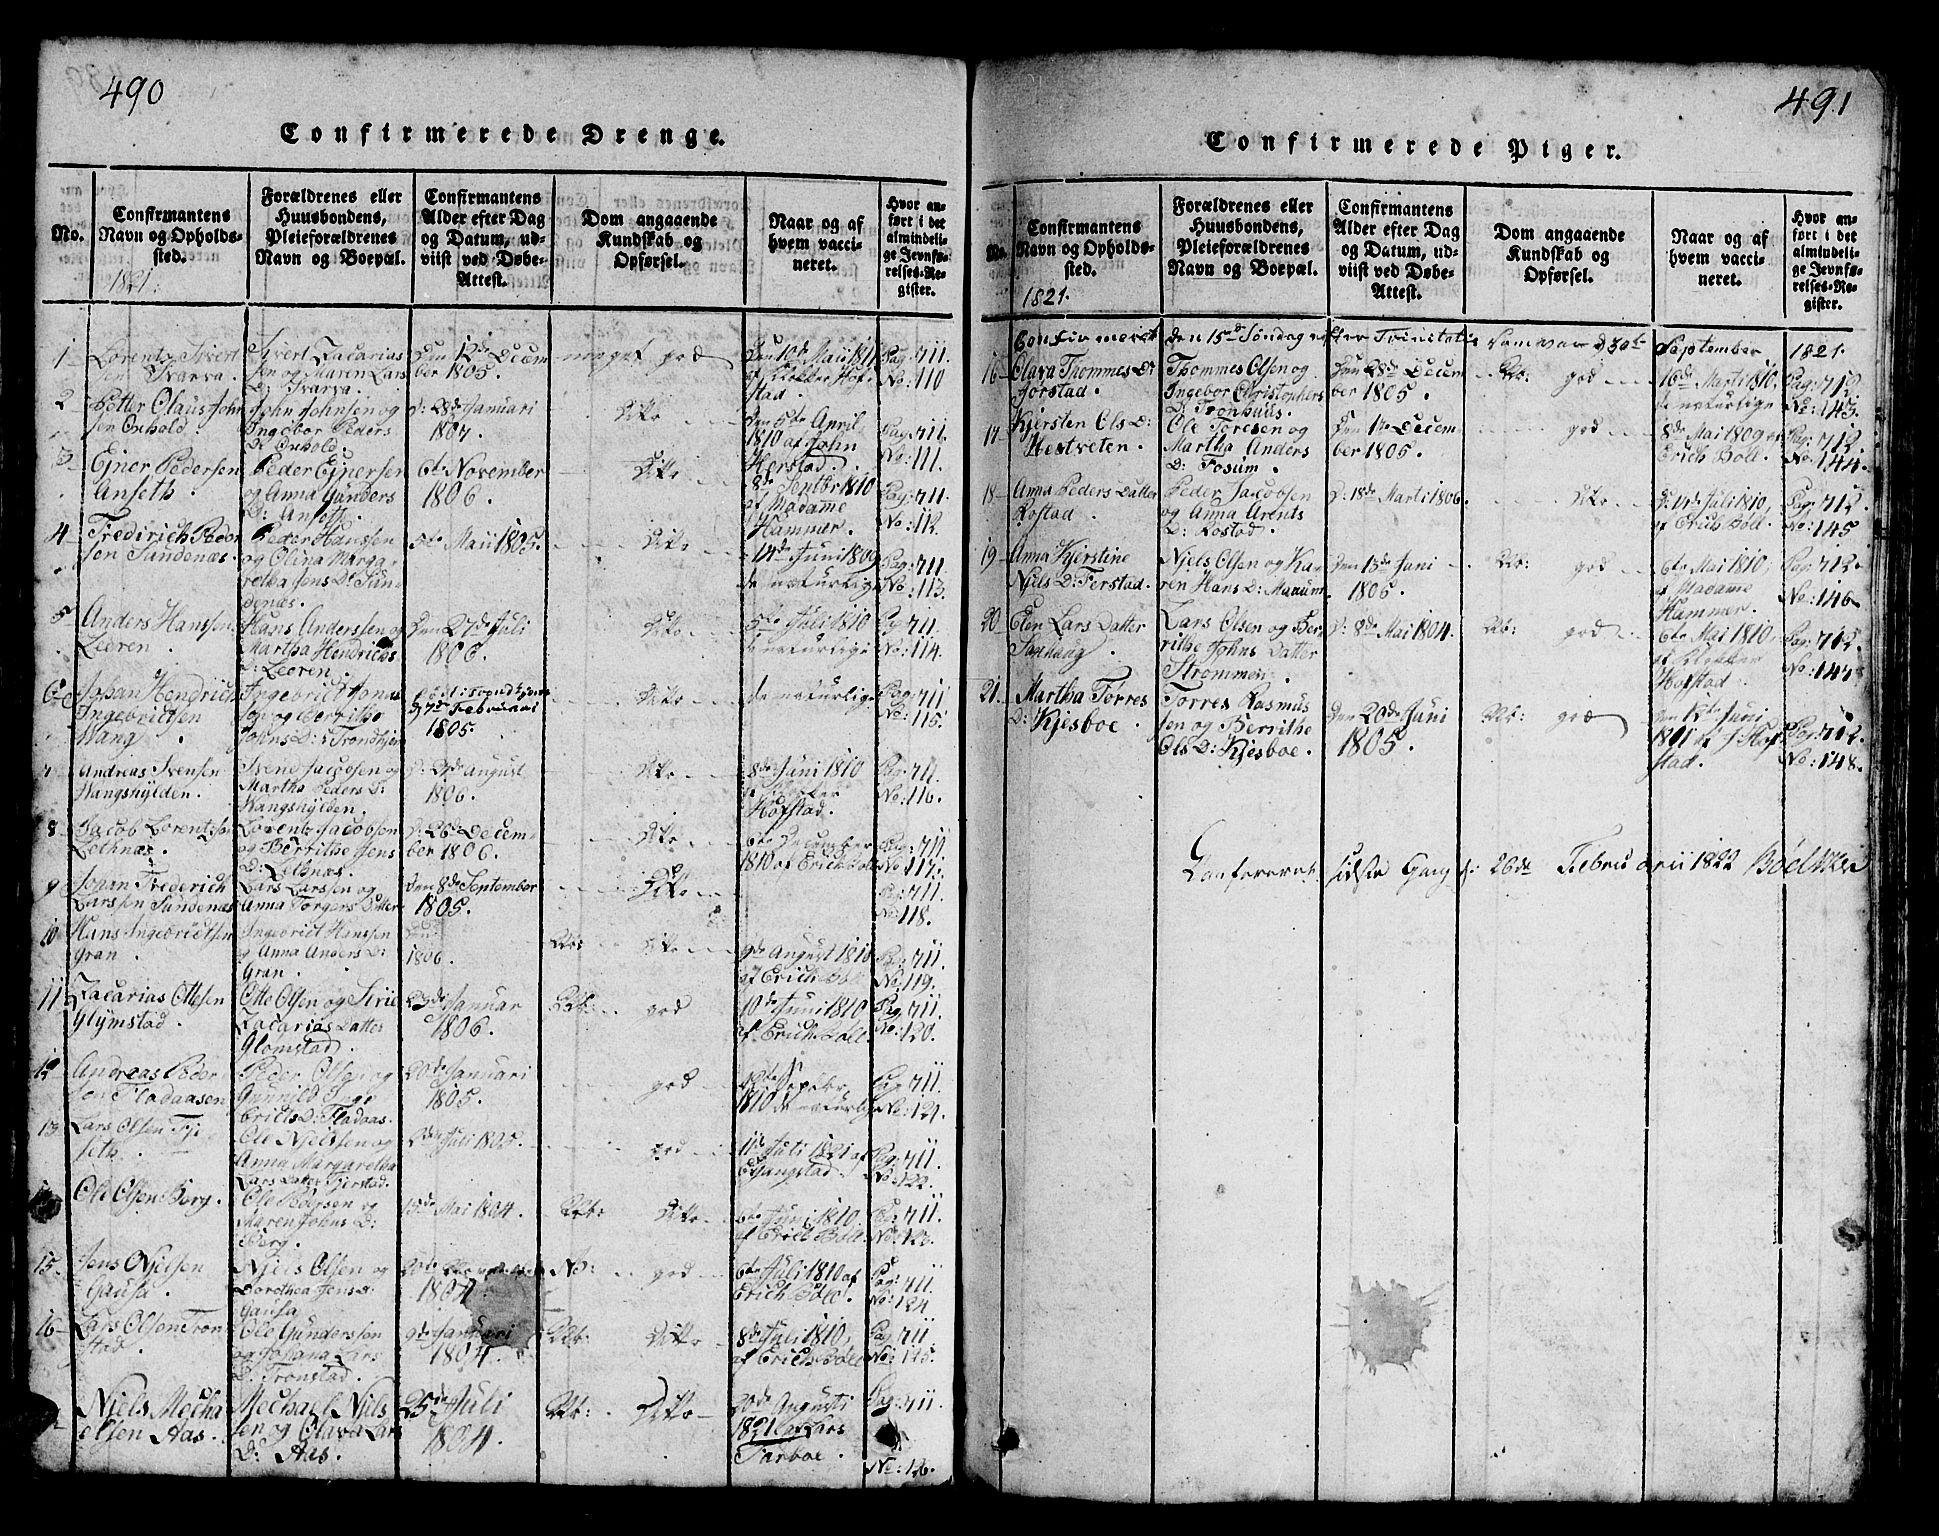 SAT, Ministerialprotokoller, klokkerbøker og fødselsregistre - Nord-Trøndelag, 730/L0298: Klokkerbok nr. 730C01, 1816-1849, s. 490-491